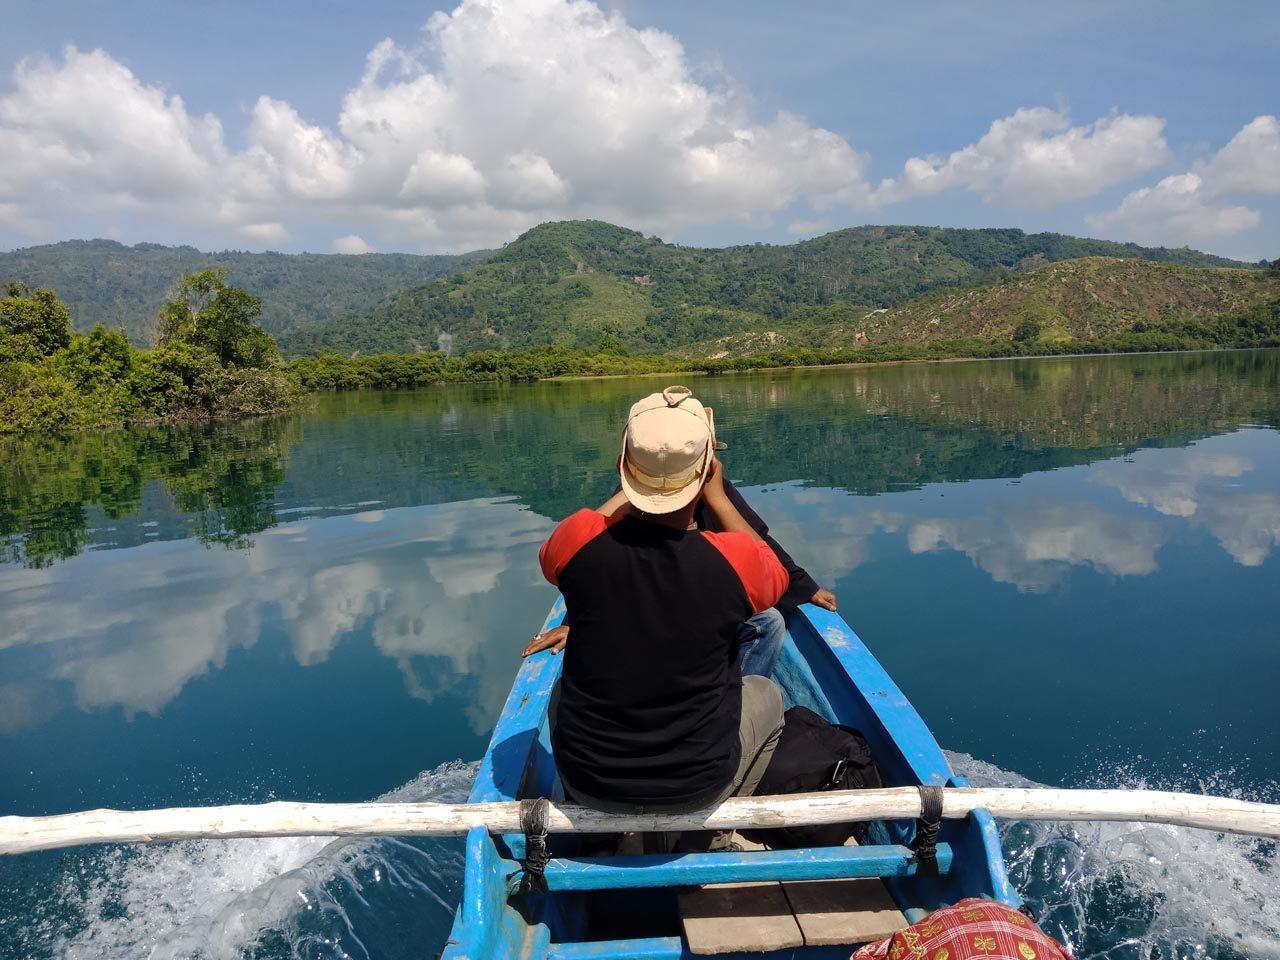 Danau Asam - Suoh Lampung Barat - Yopie Pangkey - 10